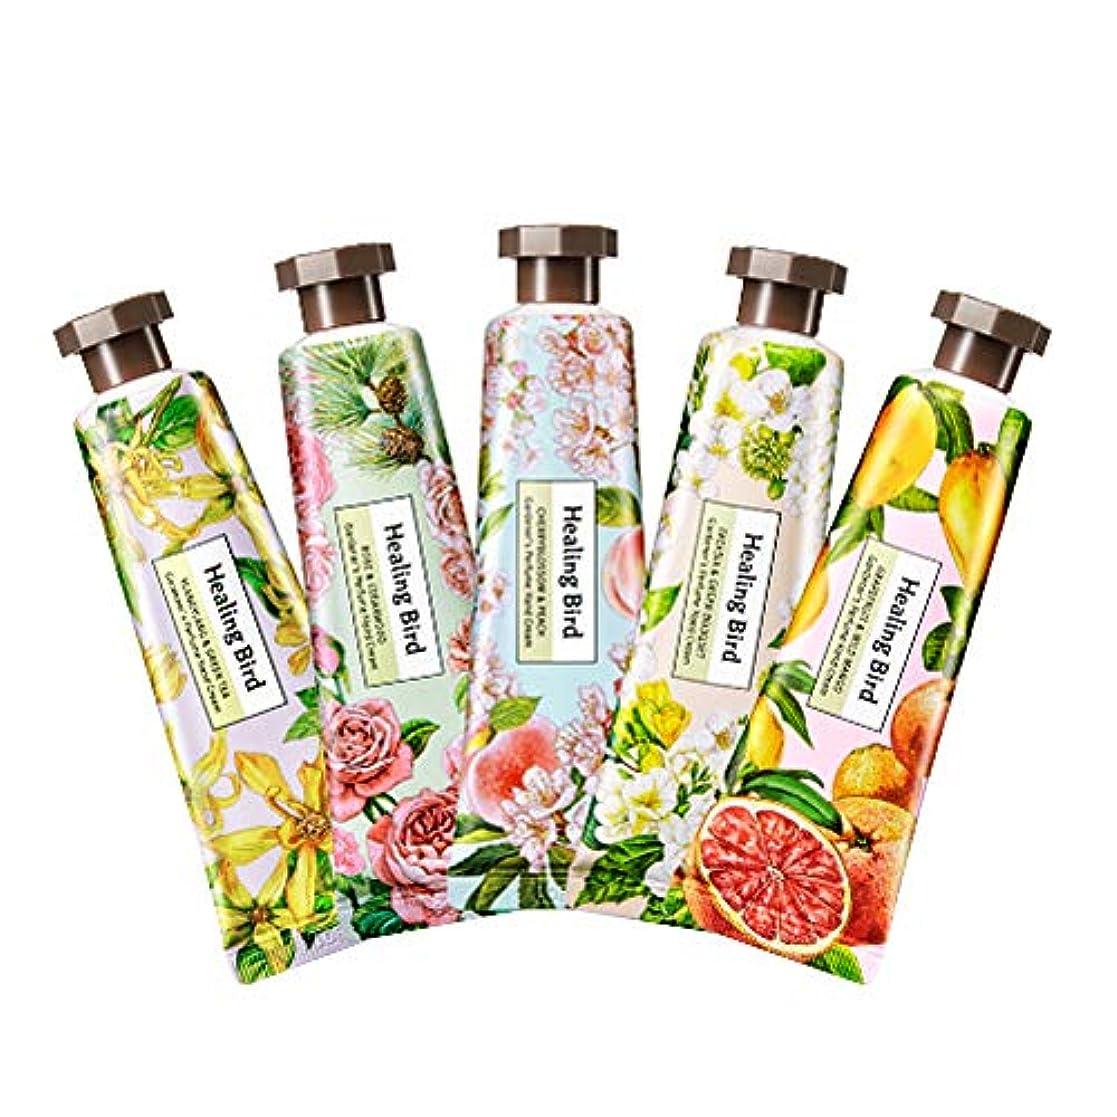 天国ネイティブ差別Healing Bird Gardener's Perfume Hand Cream 30ml ヒーリングバード カドゥノスパヒュームハンドクリーム (Fressia & Green Bouquet) [並行輸入品]